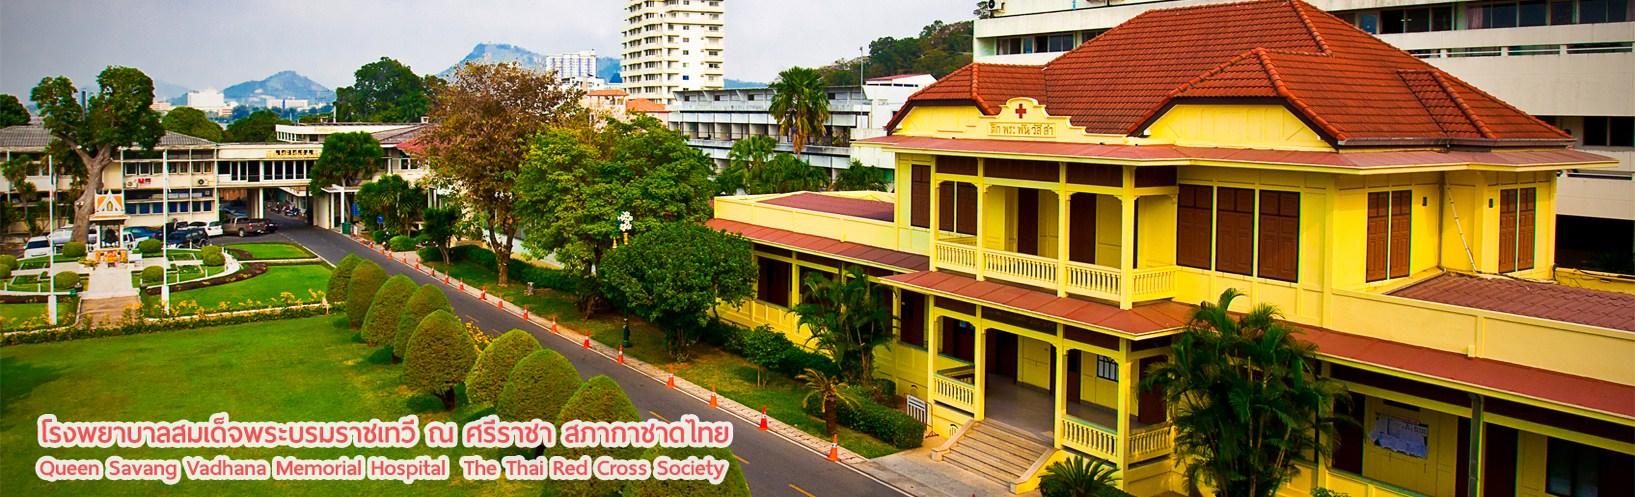 โรงพยาบาลสมเด็จพระบรมราชเทวี ณ ศรีราชา สภากาชาดไทย